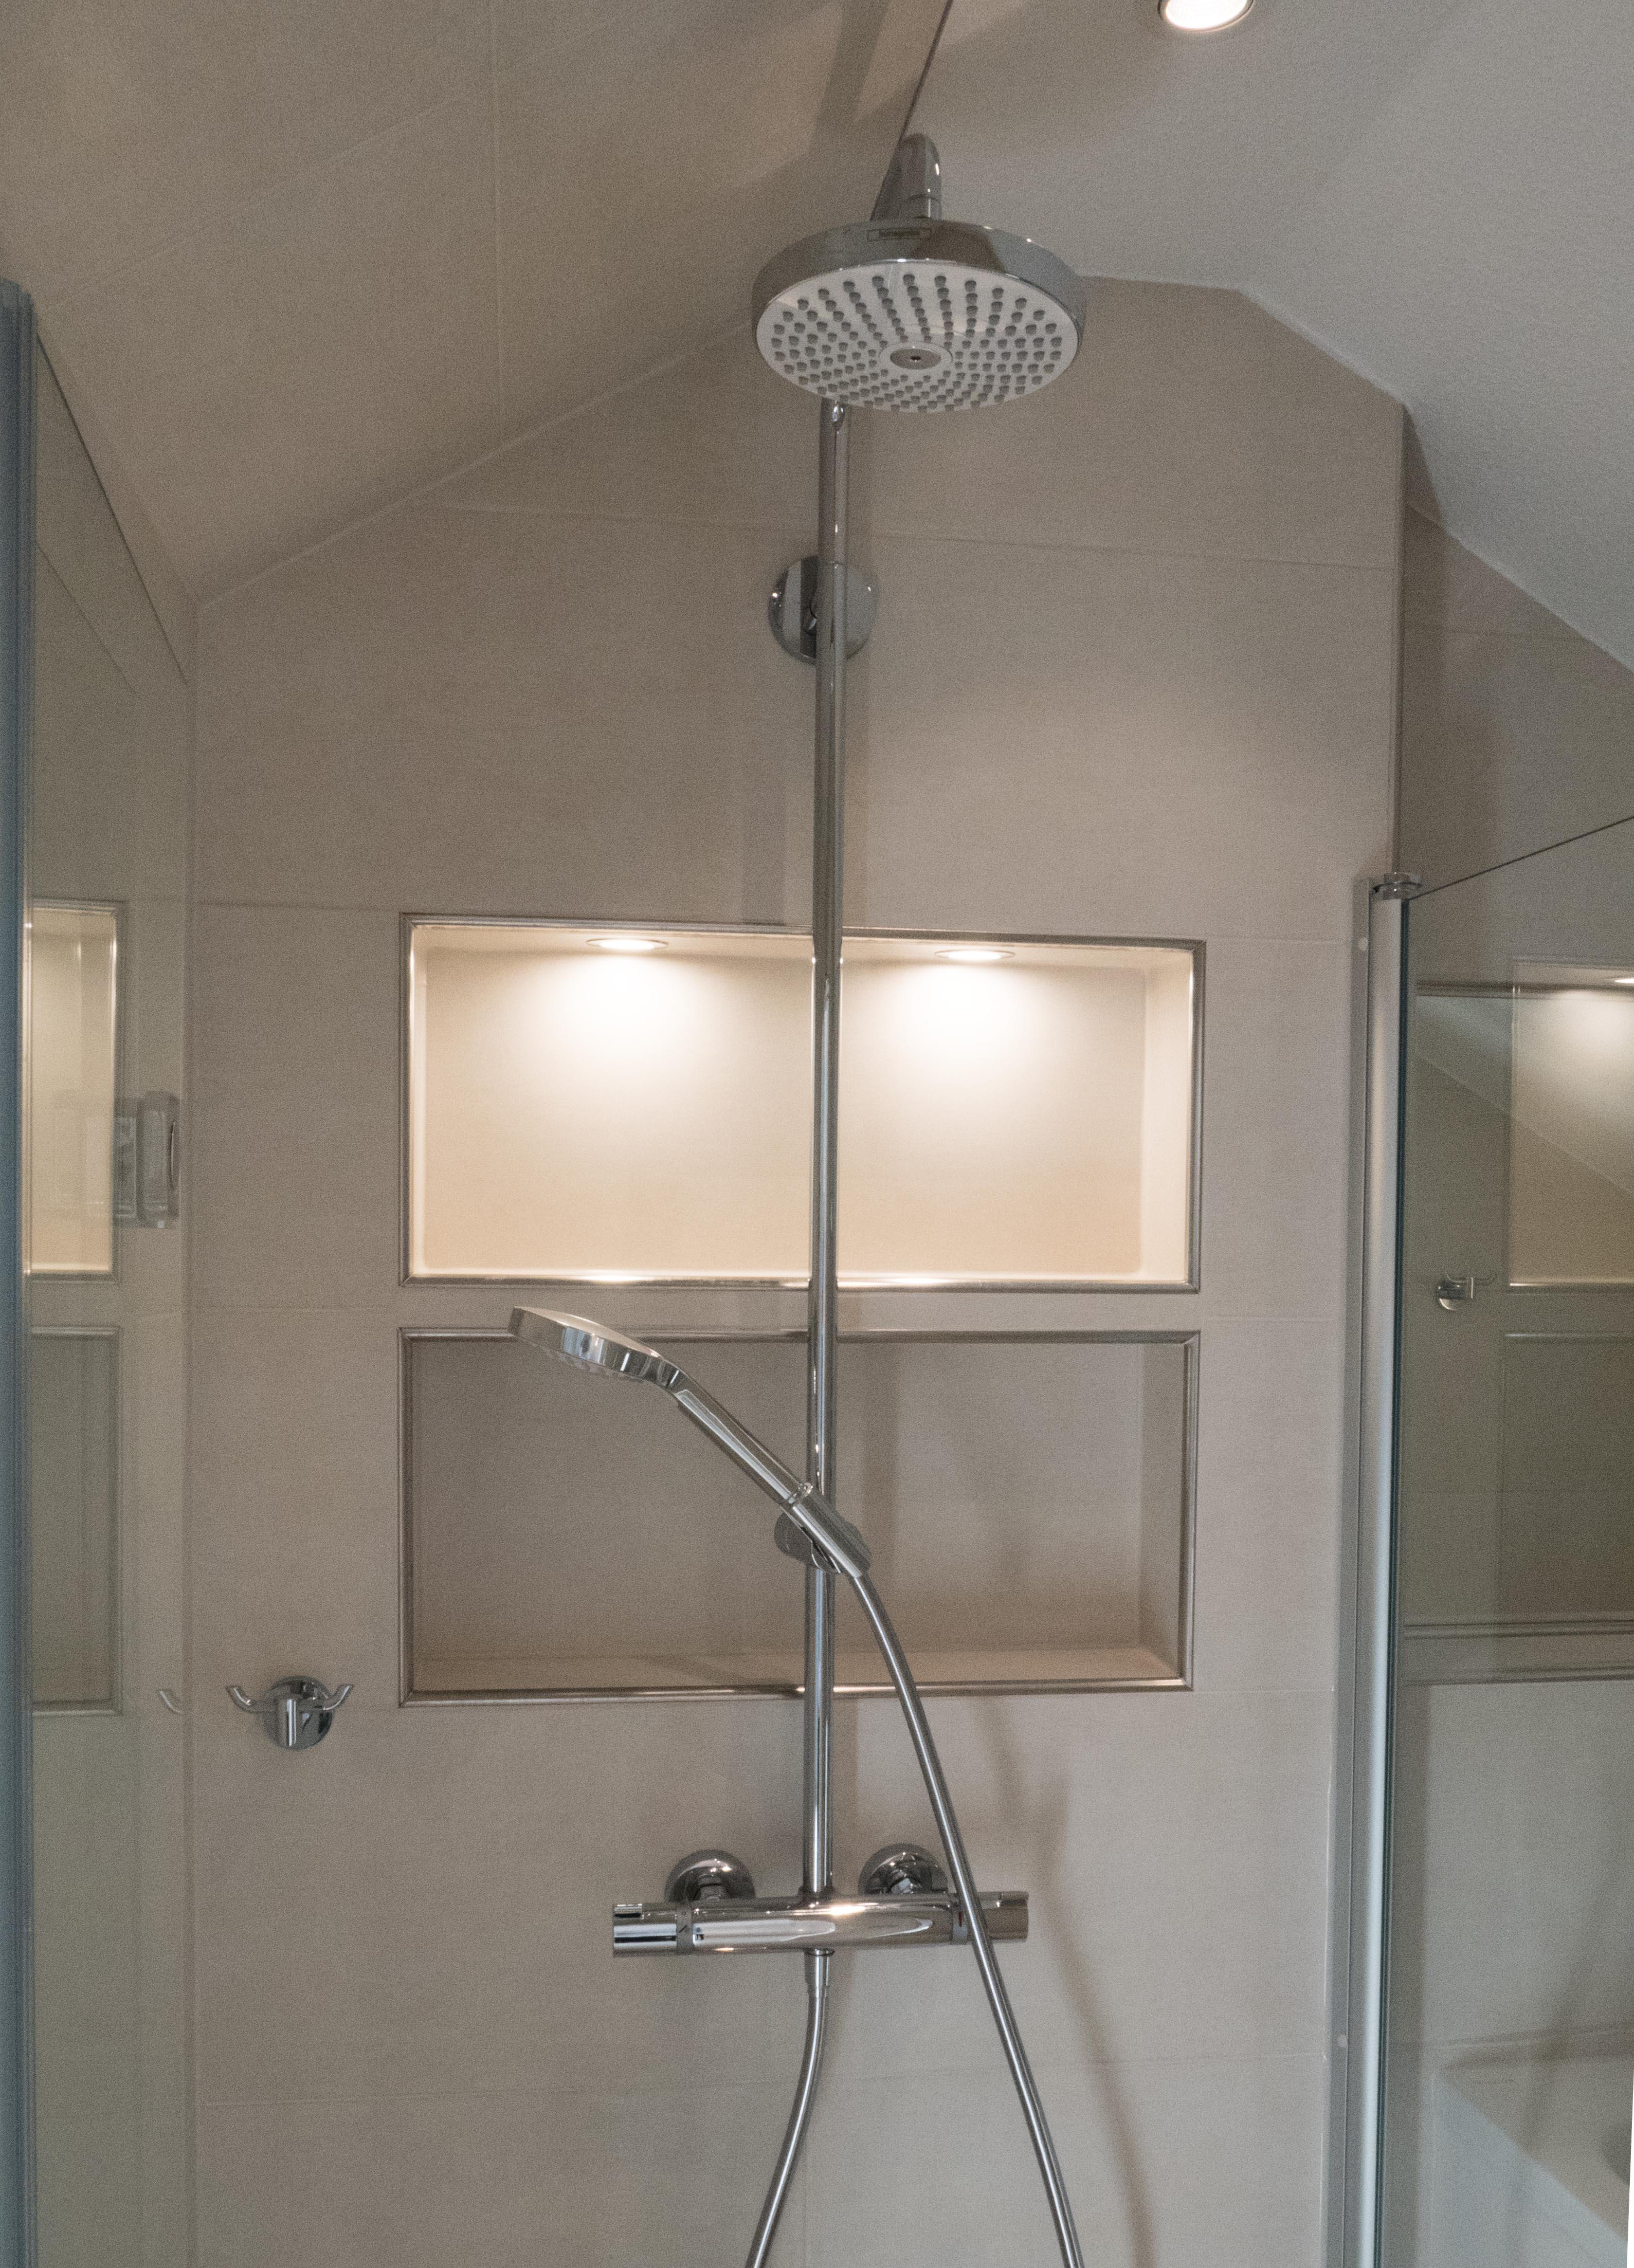 Dachschräge Dusche